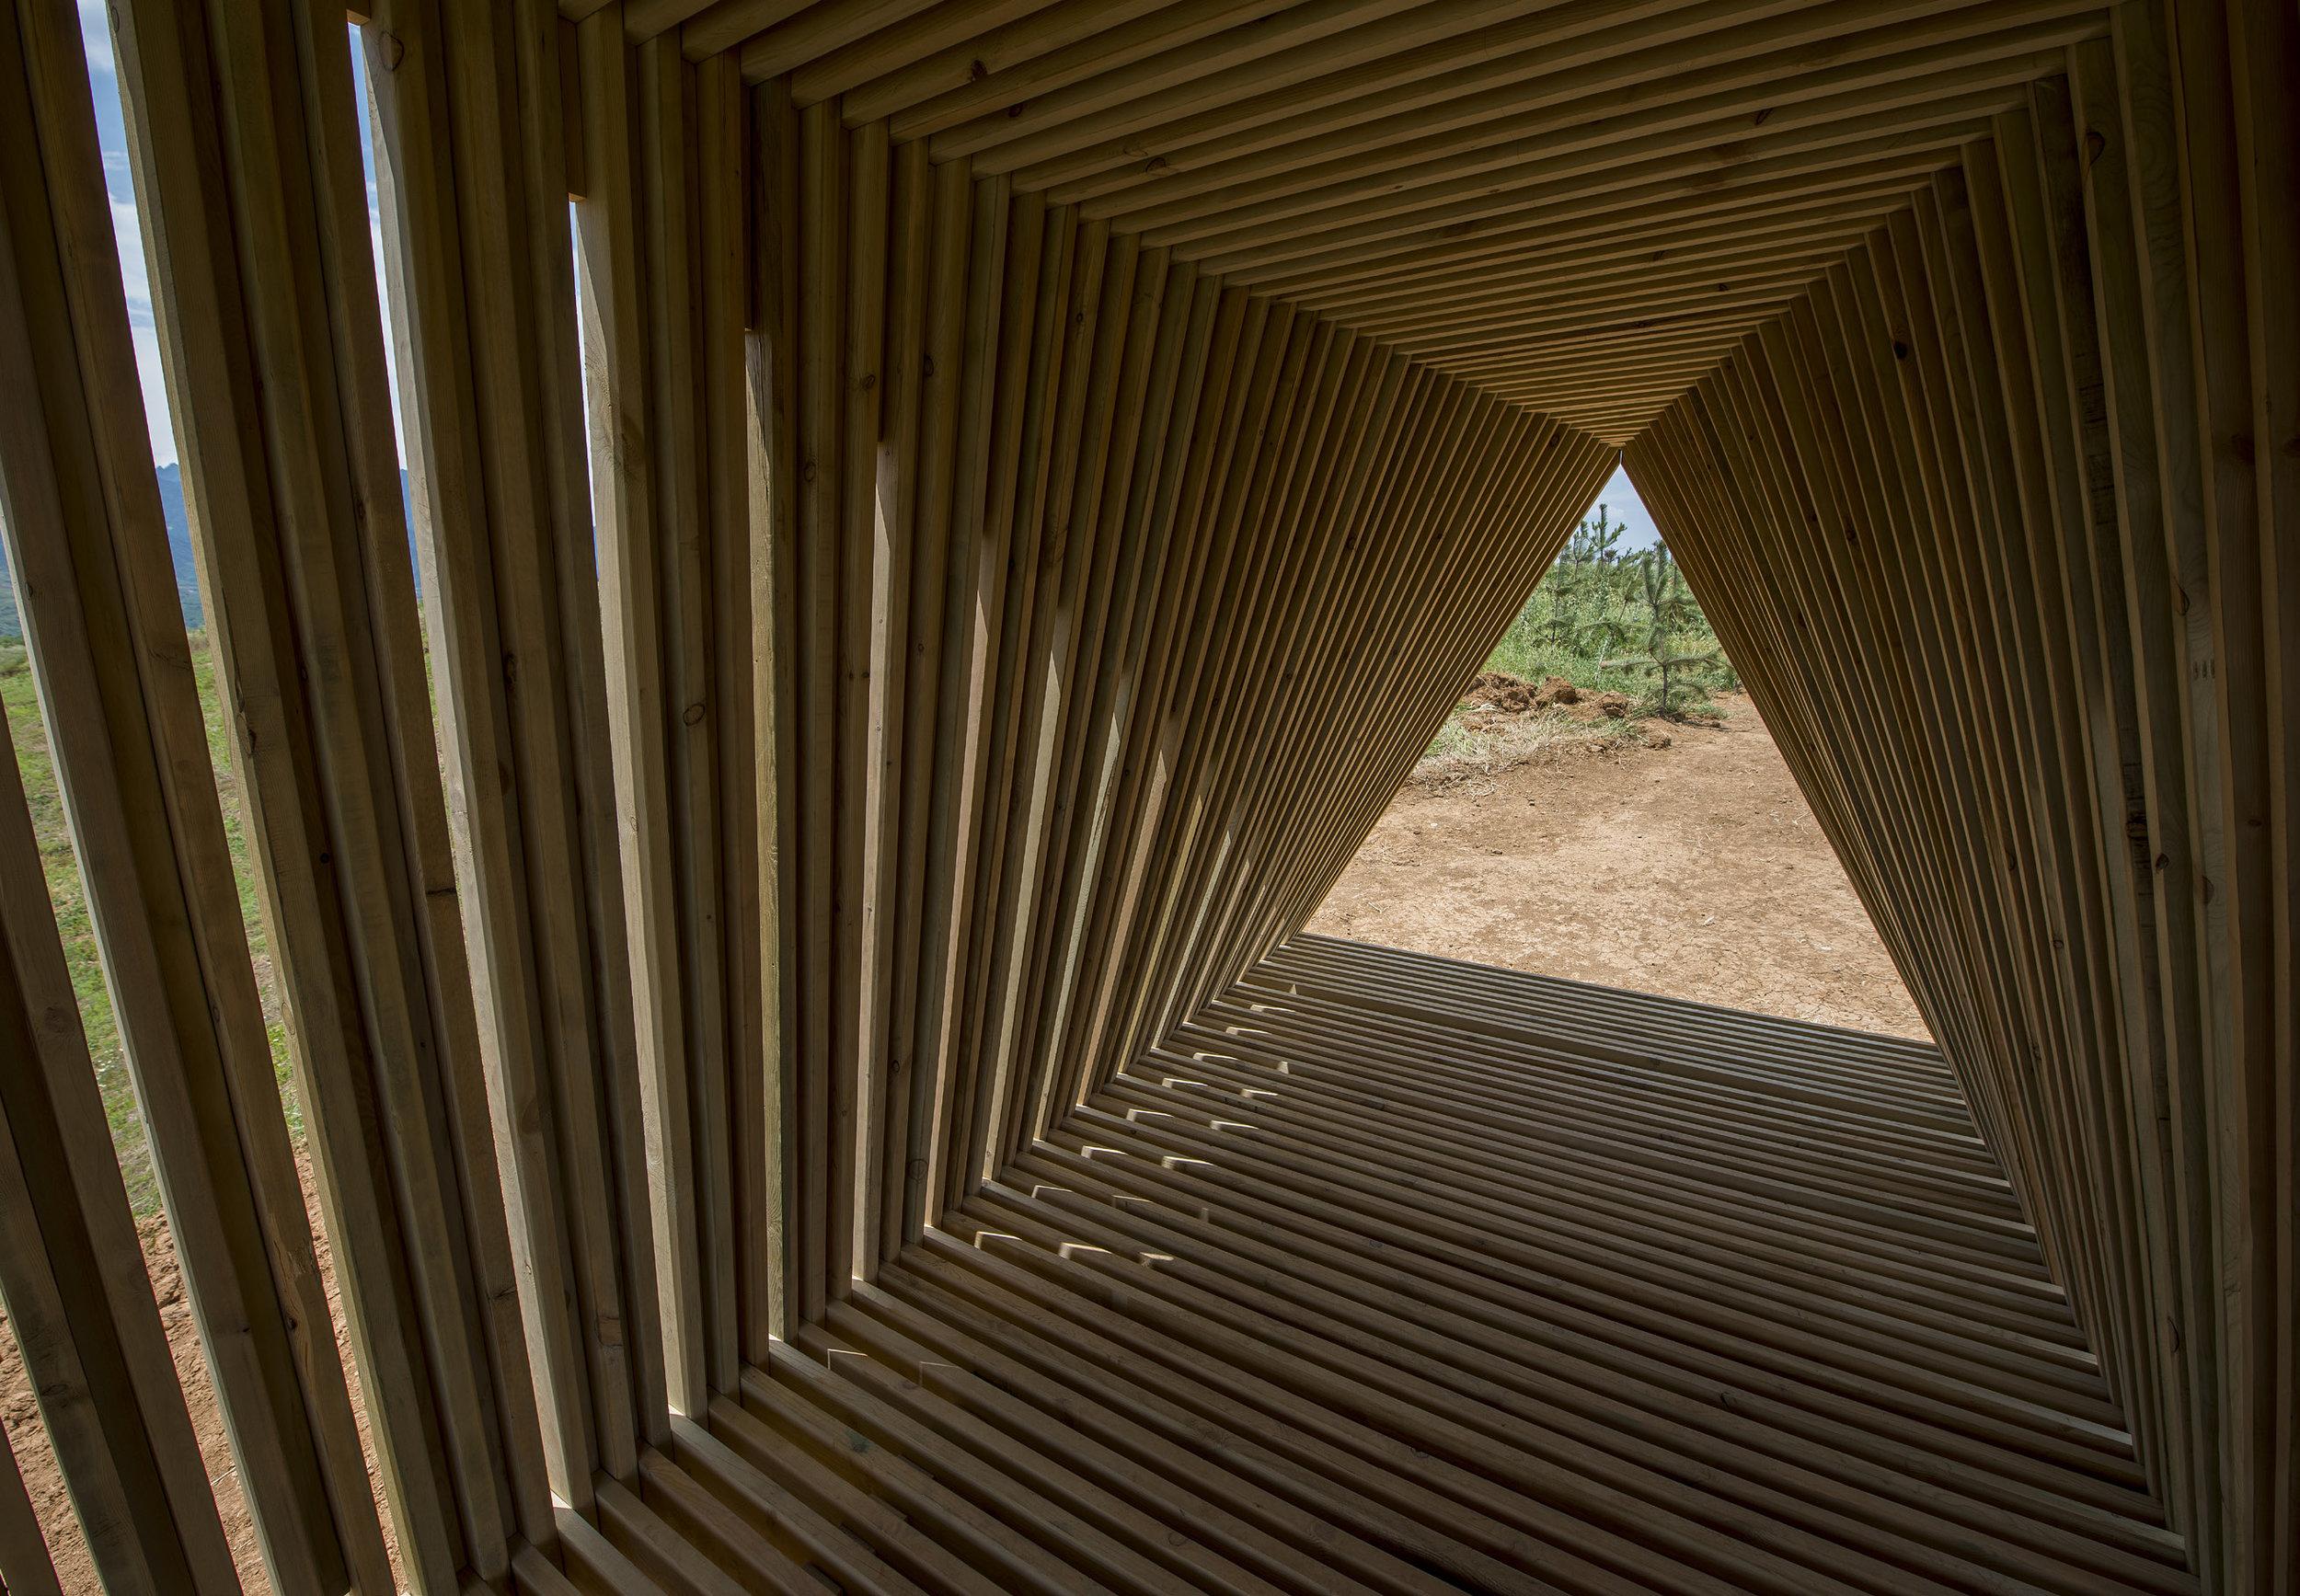 Geoffrey_von_Oeyen_Design_Napavilion_07.jpg